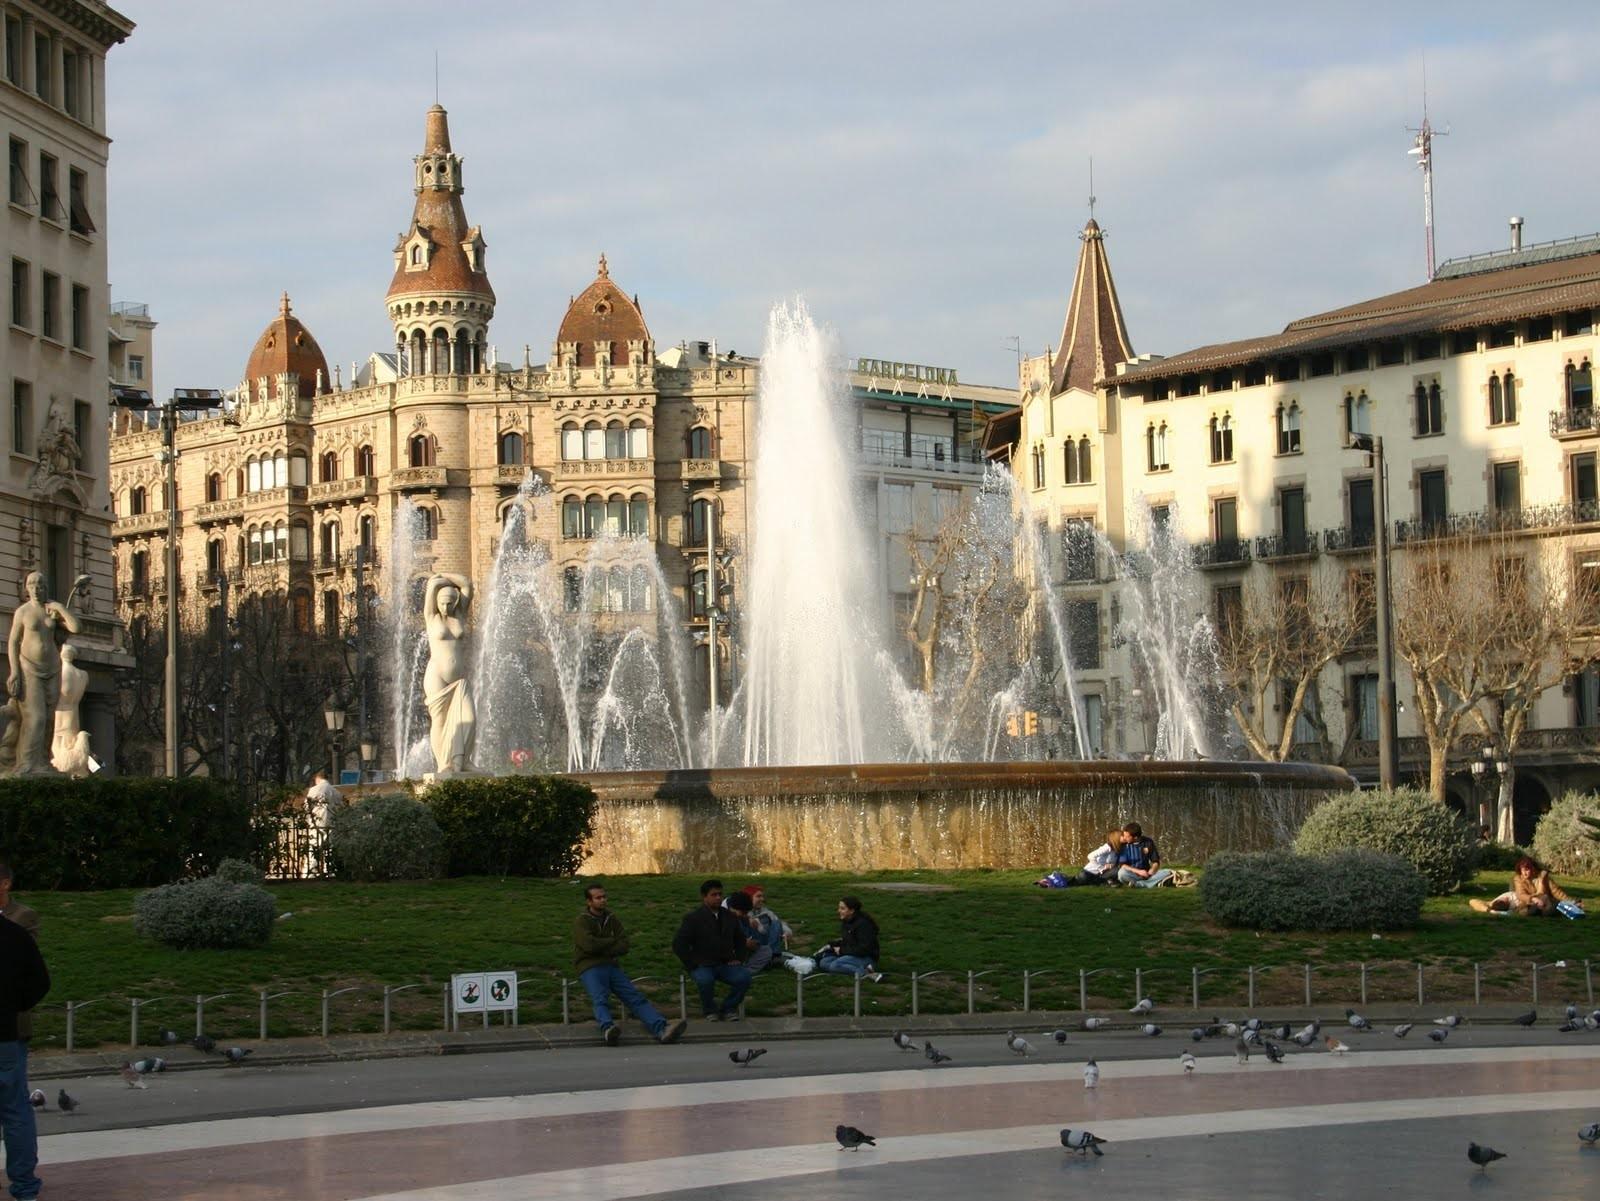 Барселона желает запретить строительство новых отелей, чтобы снизить количество туристов